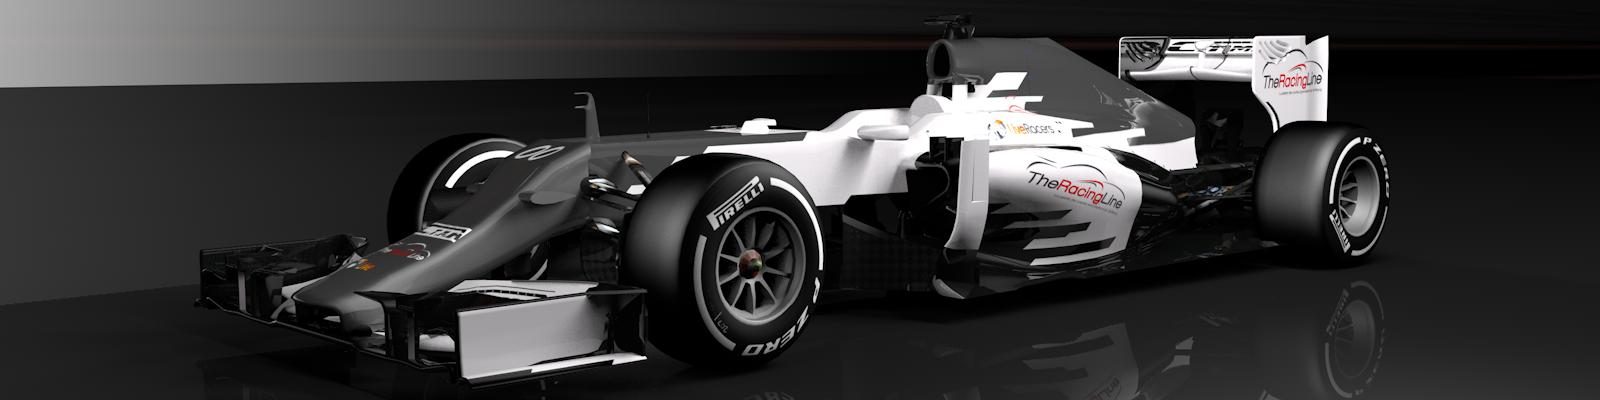 rFactor : sortie officielle du Mod VFR F1 2014 V1.0 !